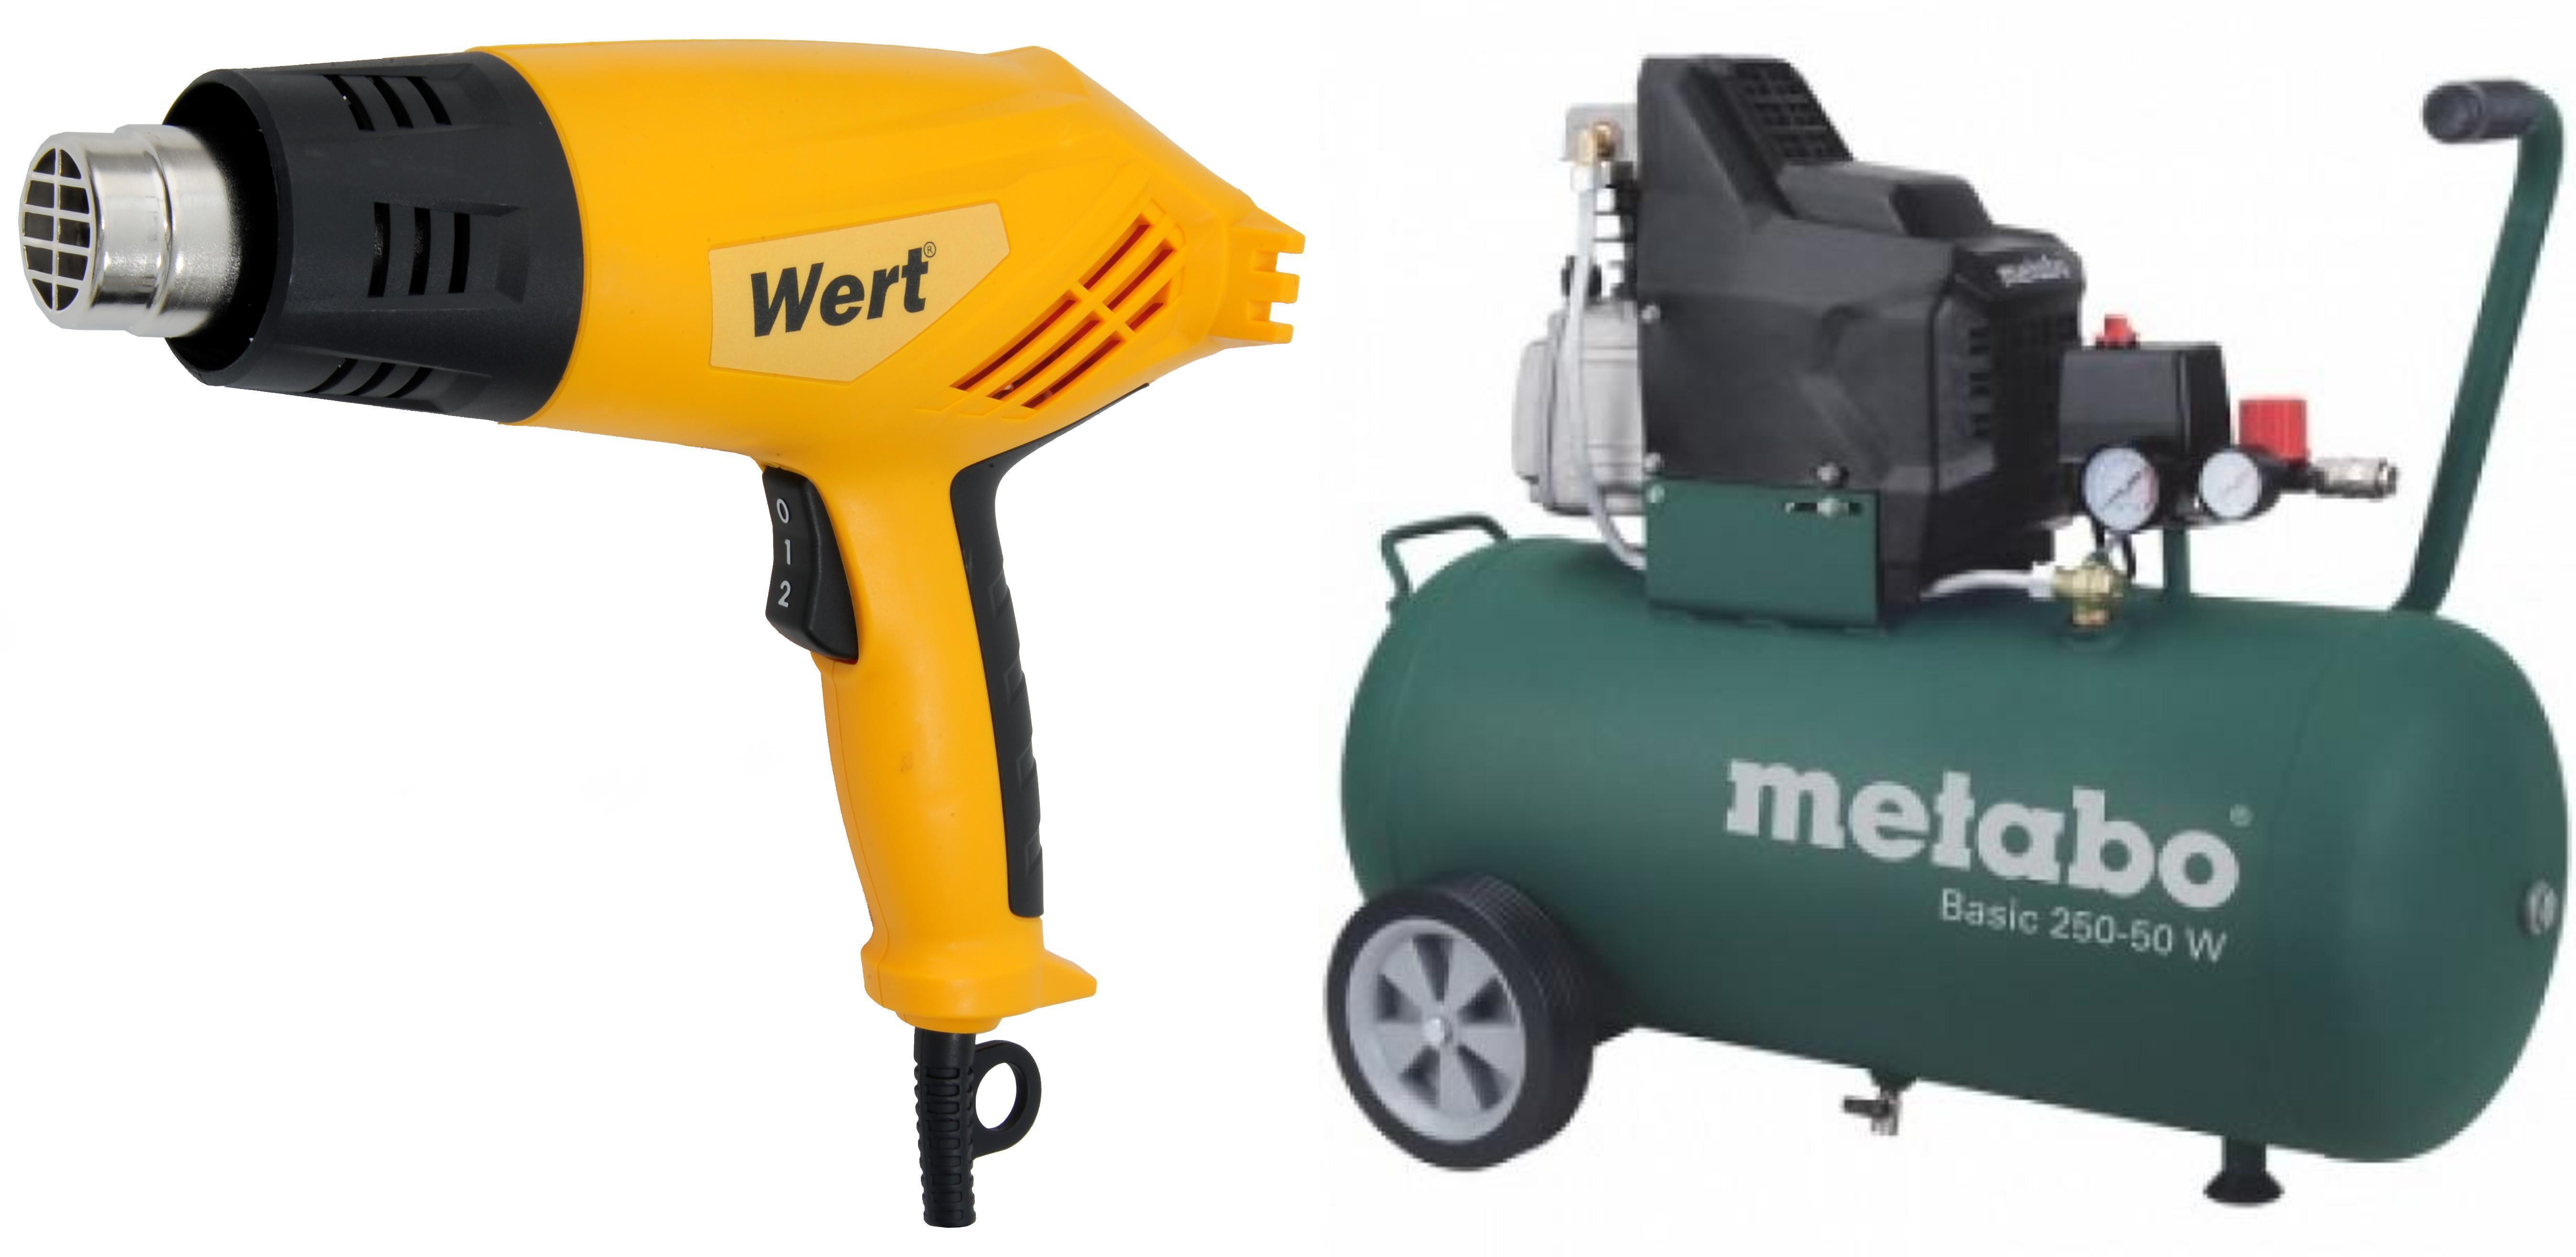 Набор Metabo Компрессор basic250-50w (601534000) +Фен технический ehg 1800 недорого